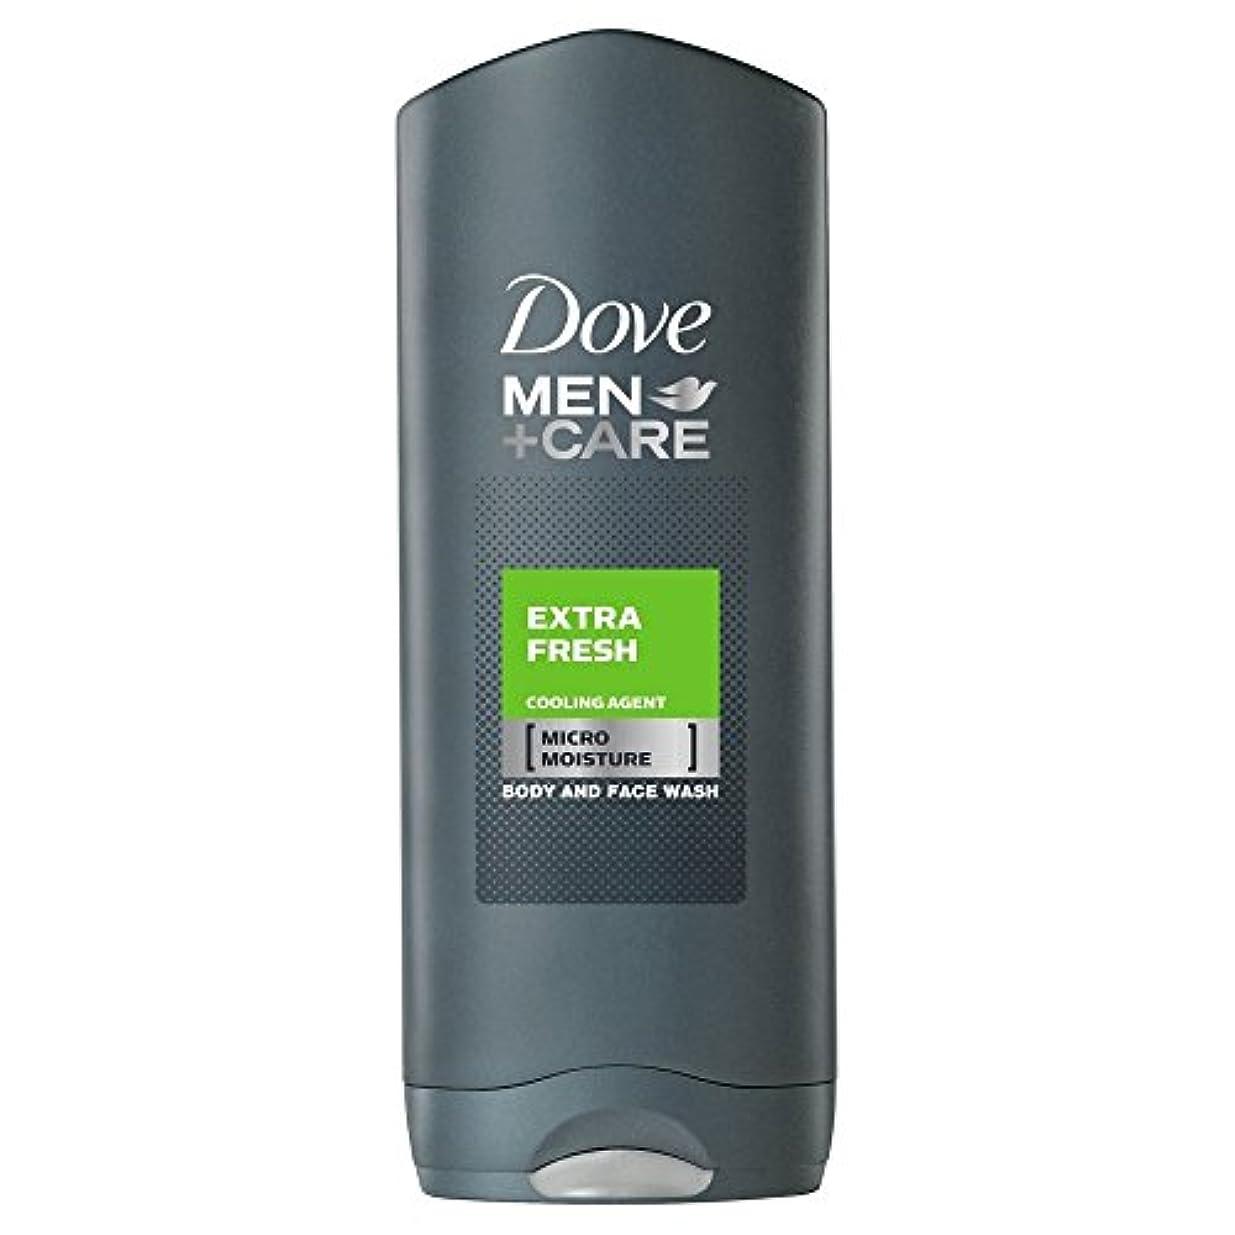 デンマーク語メトリック対称Dove Men + Care Body & Face Wash - Extra Fresh (250ml) 鳩の男性は+ボディと洗顔ケア - 余分な新鮮な( 250ミリリットル)を [並行輸入品]